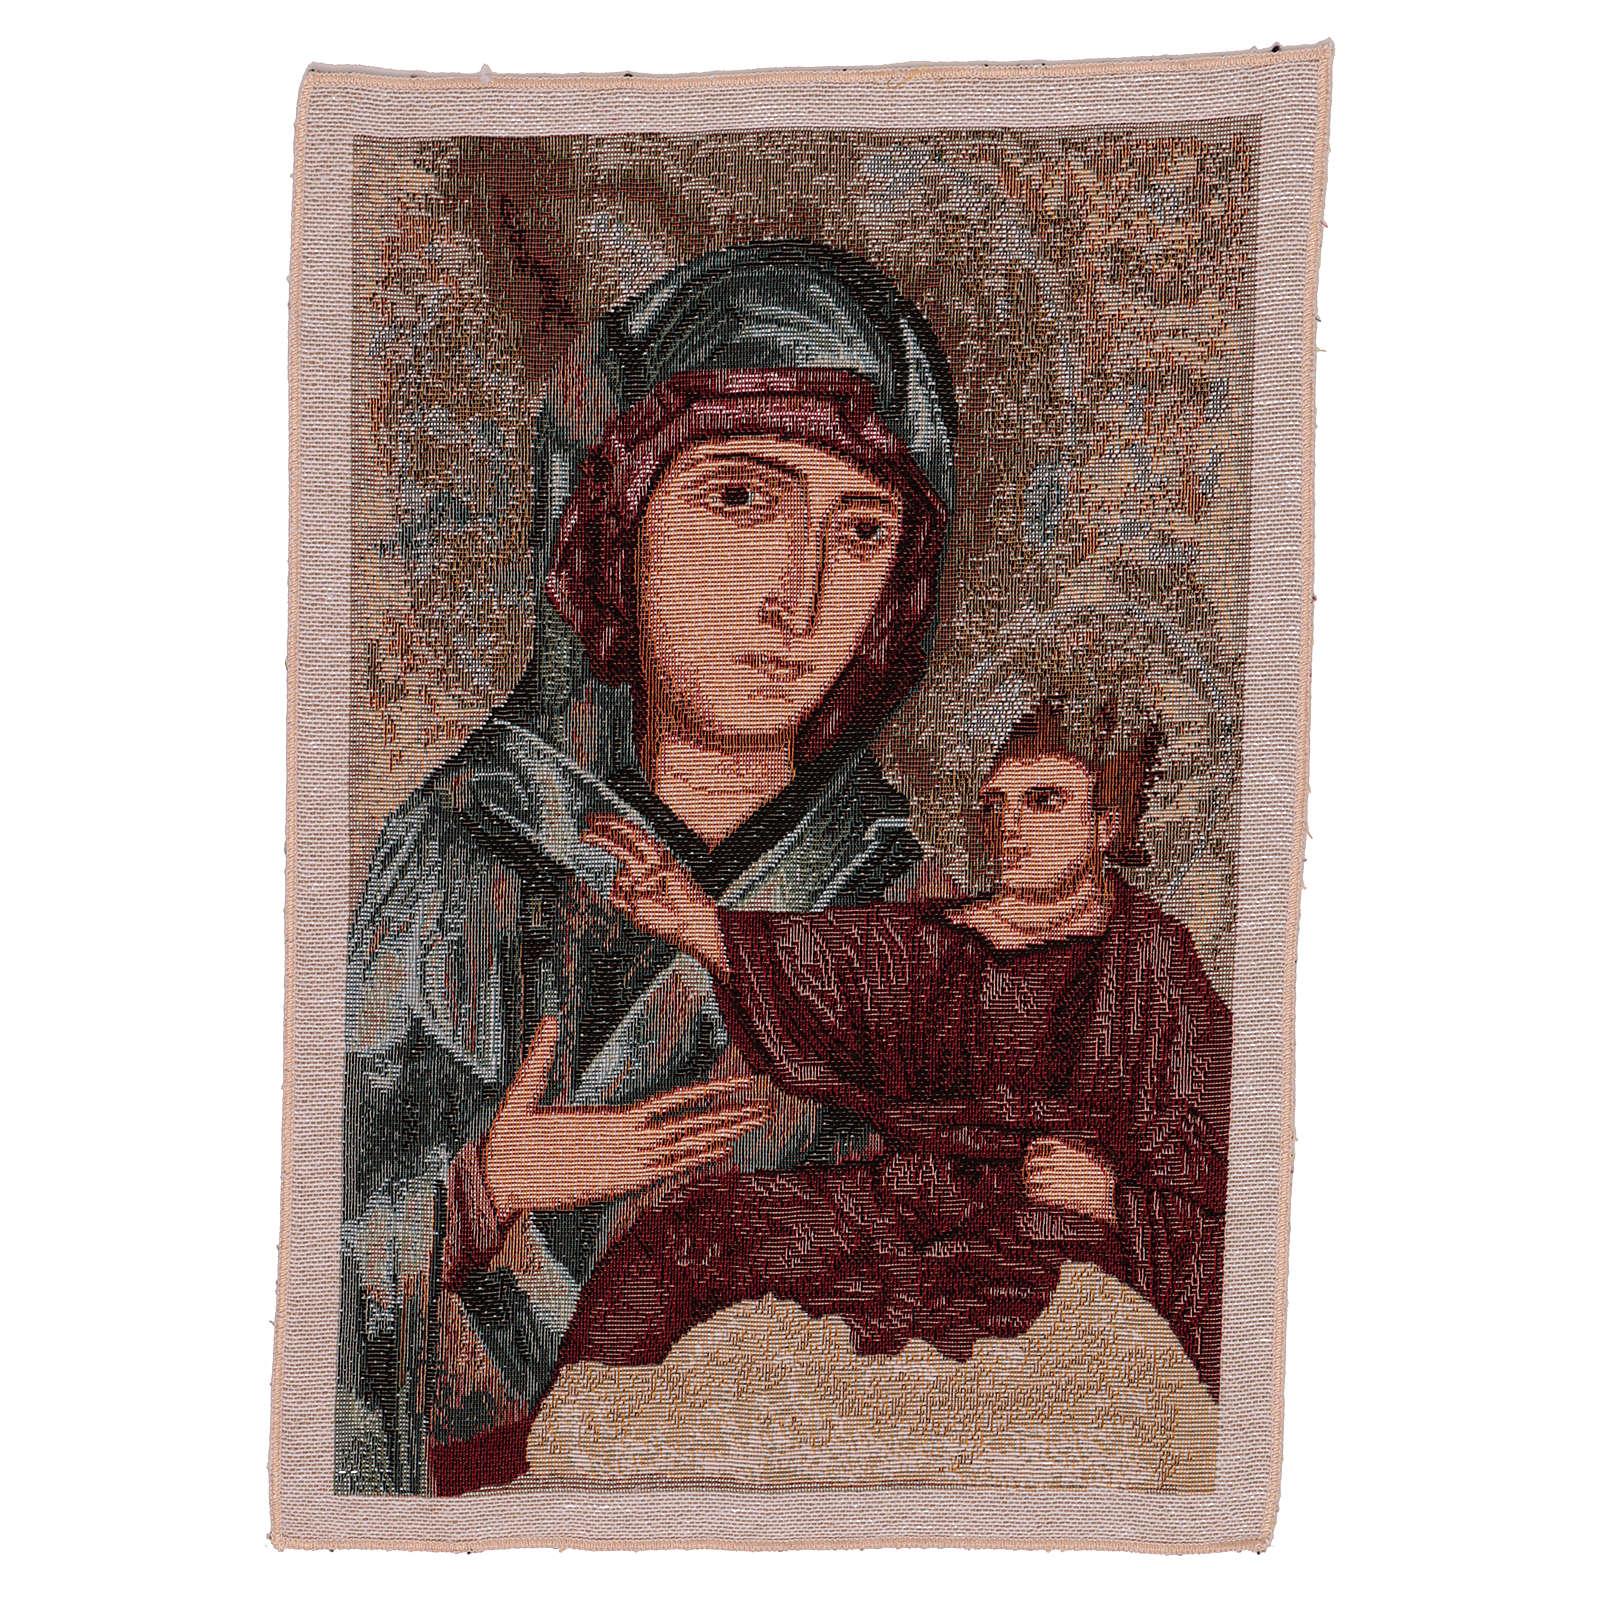 Wandteppich Allerseligste Jungfrau vom heiligen Lukas 40x30 cm 3